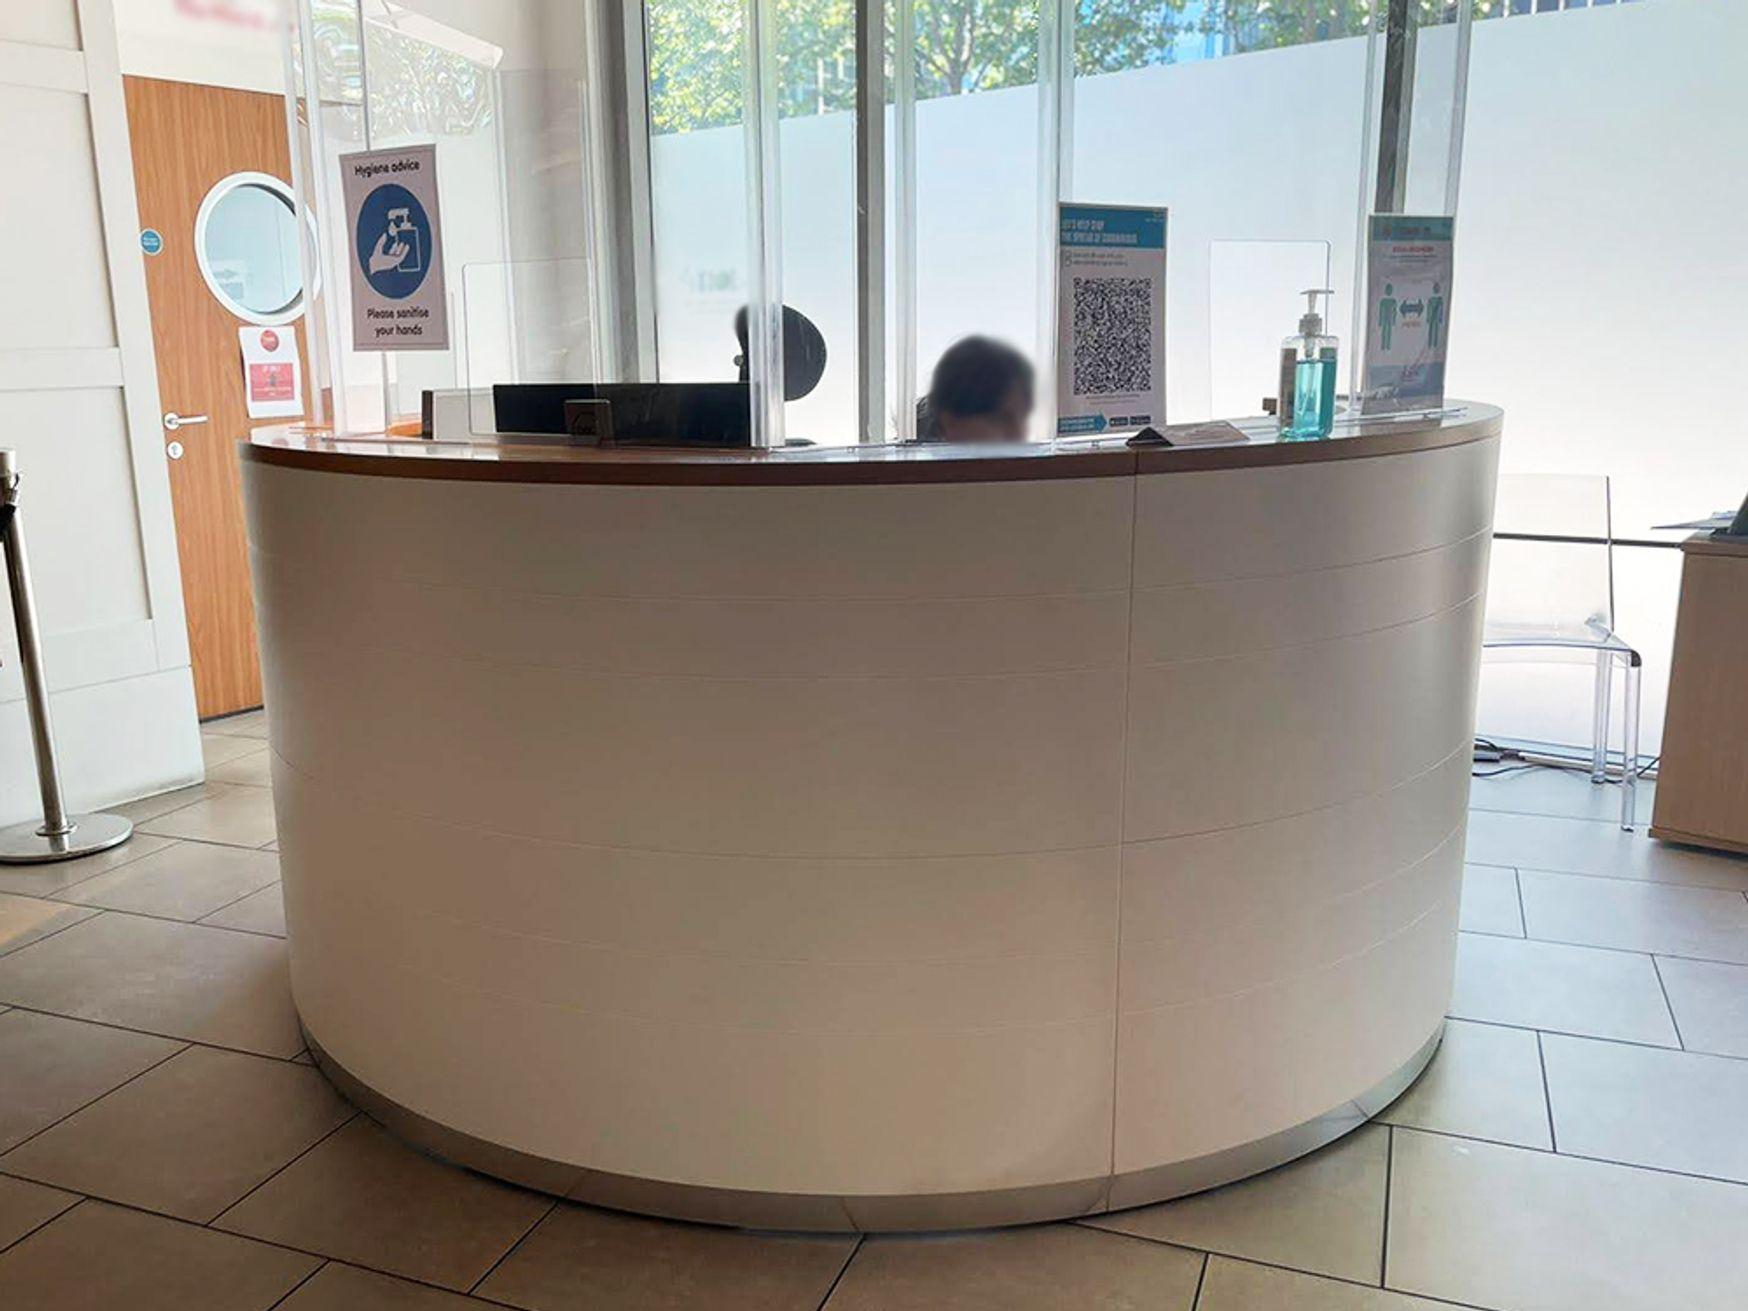 Used Circular Reception Desk